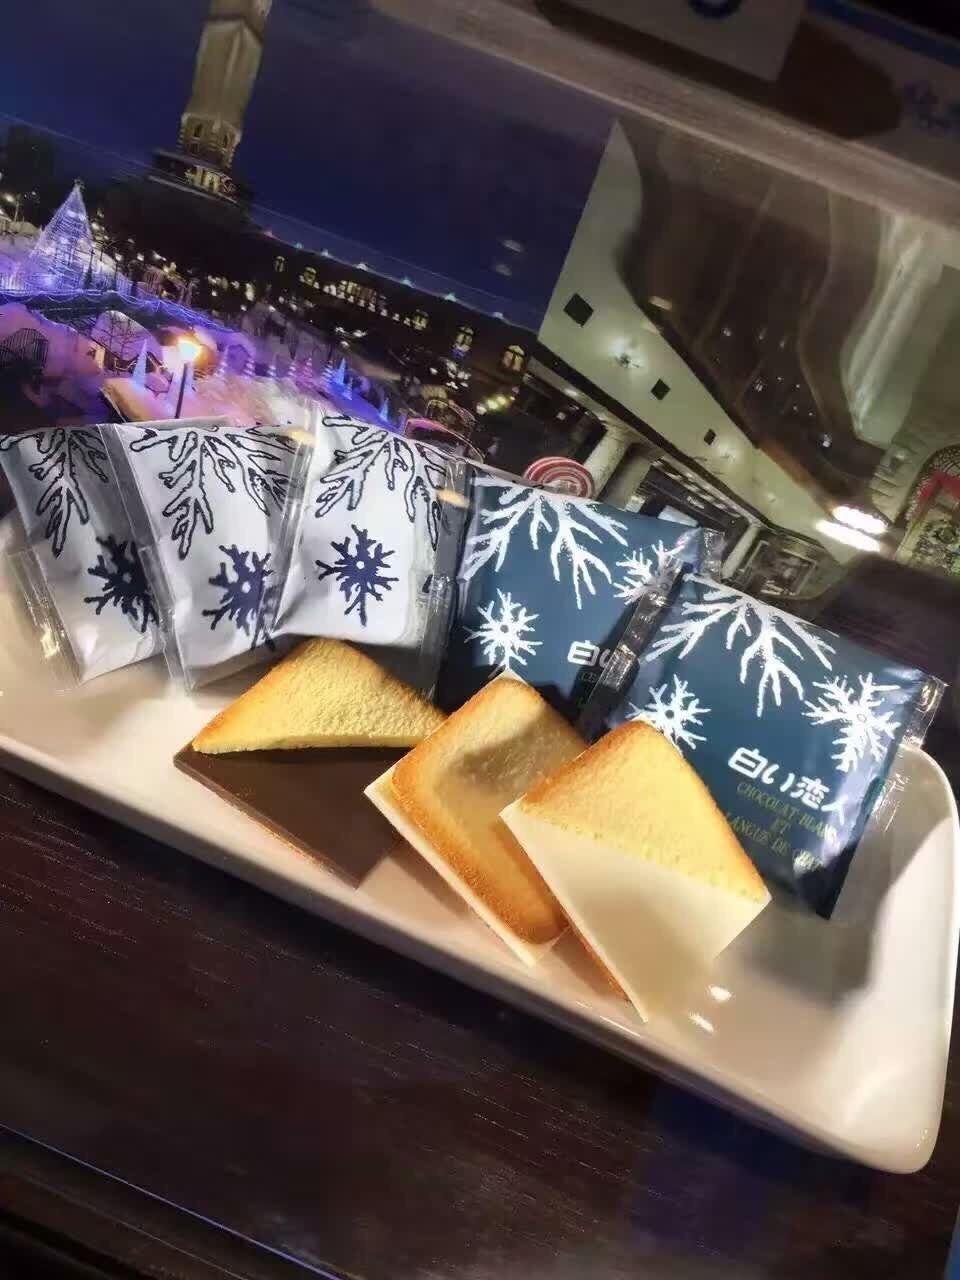 枚恋人女友礼物 18 日本北海道白色恋人白巧克力夹心饼干 现货